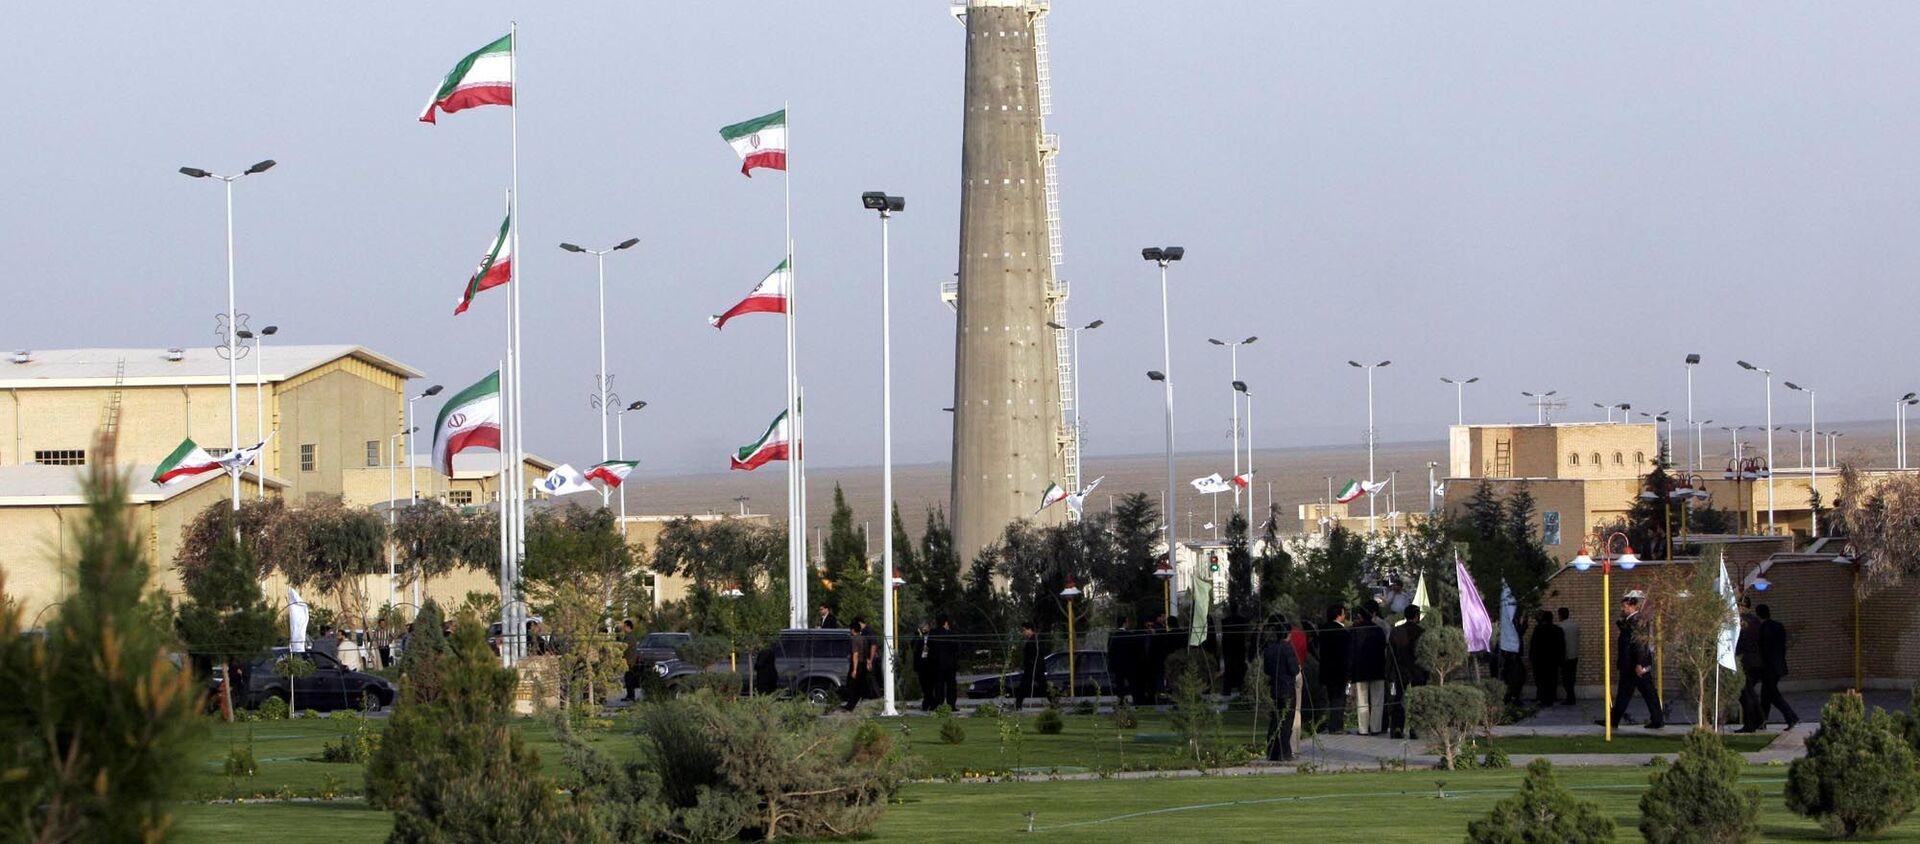 Khung cảnh cơ sở hạt nhân ở Natanz của Iran. - Sputnik Việt Nam, 1920, 15.09.2021